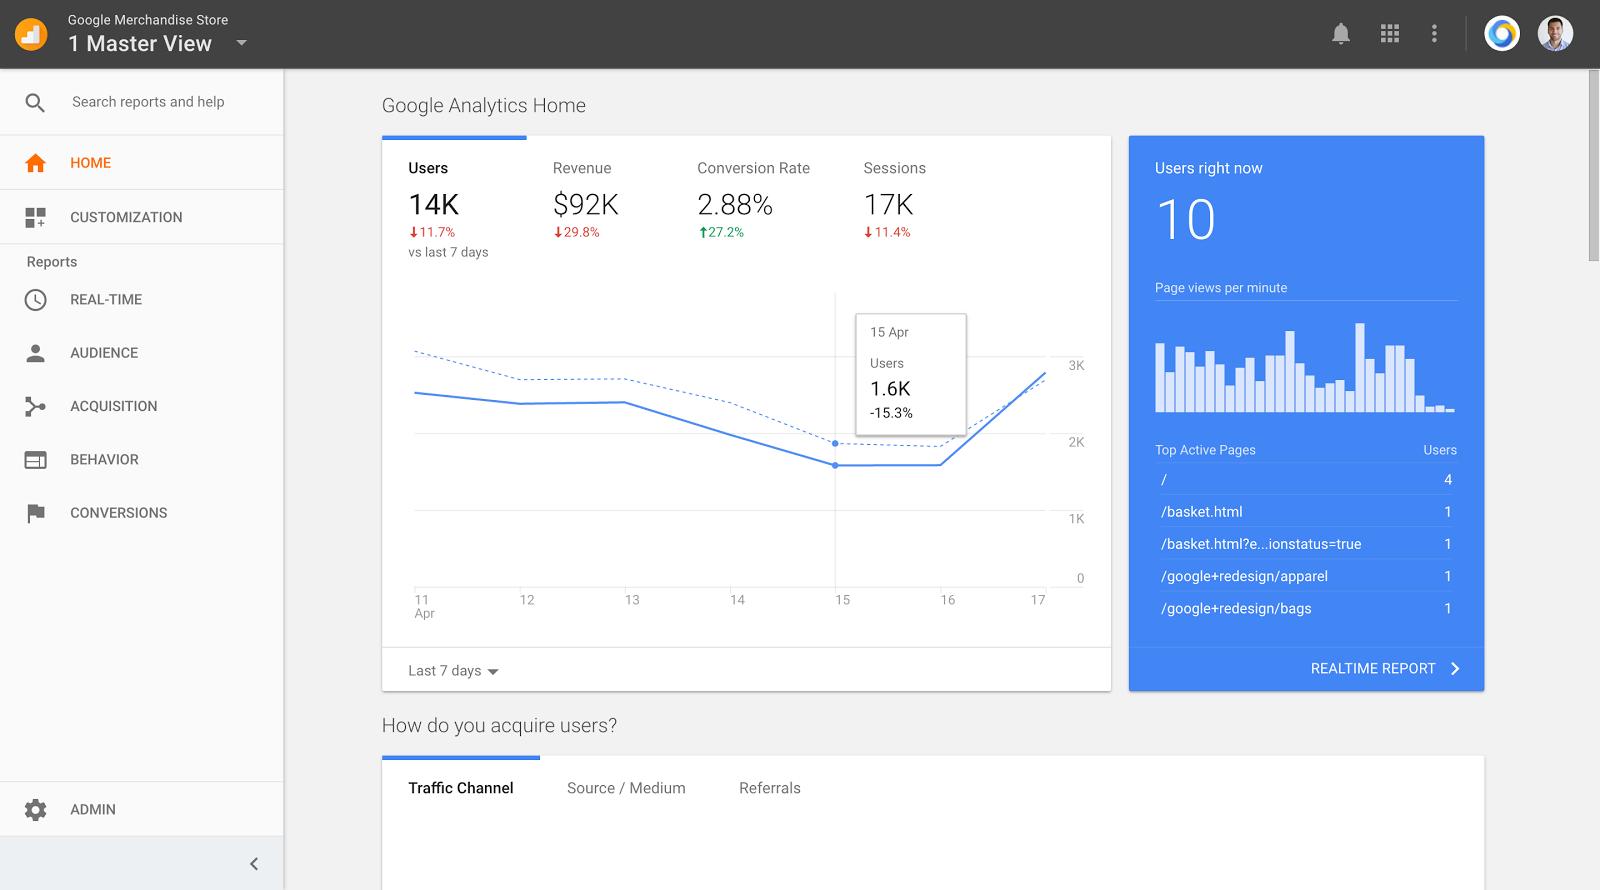 Google Analytics Updates: The New Home